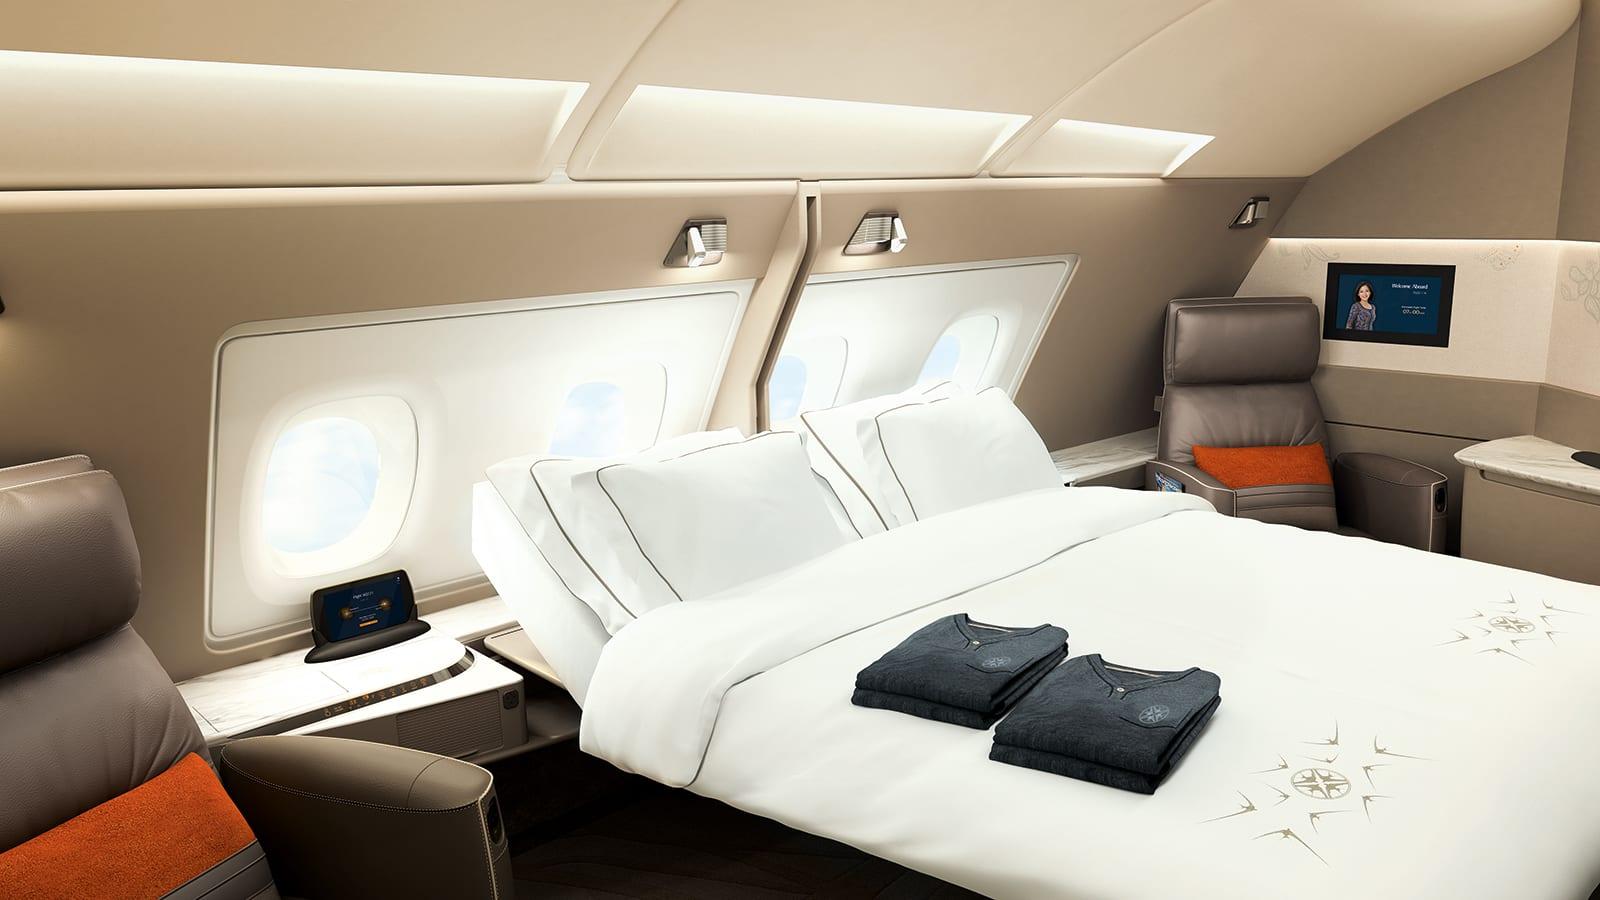 رفاهية بين السحب.. إليك أفضل الأسرة التي يمكن أن تستمتع بها على متن الطائرات